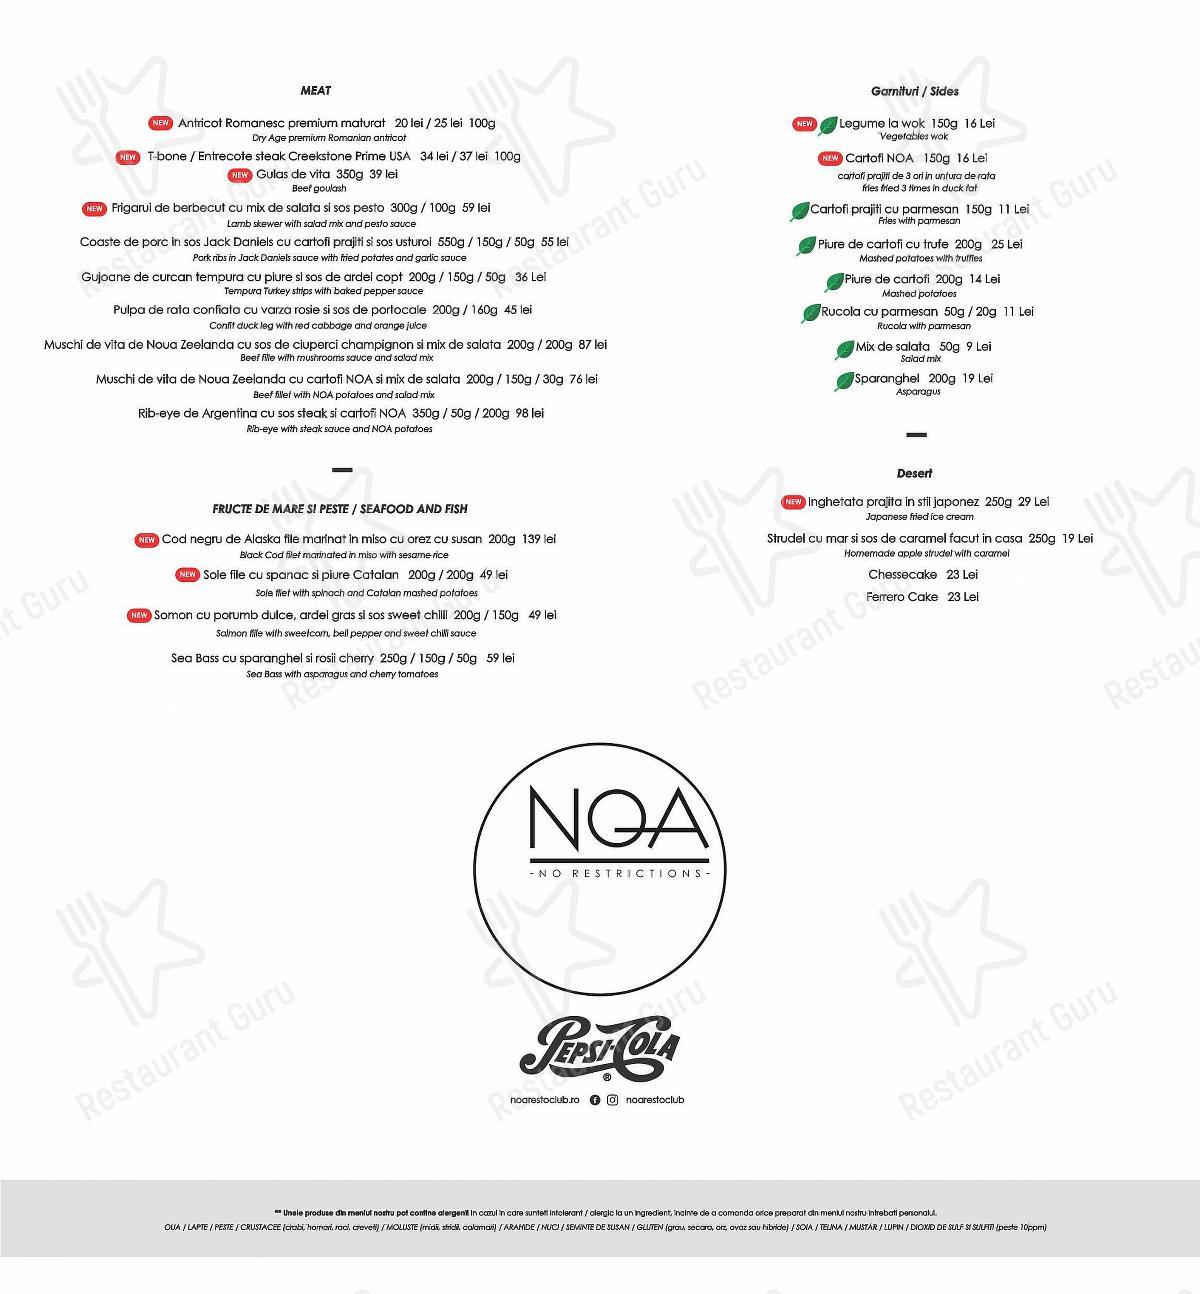 Noa restoclub menu